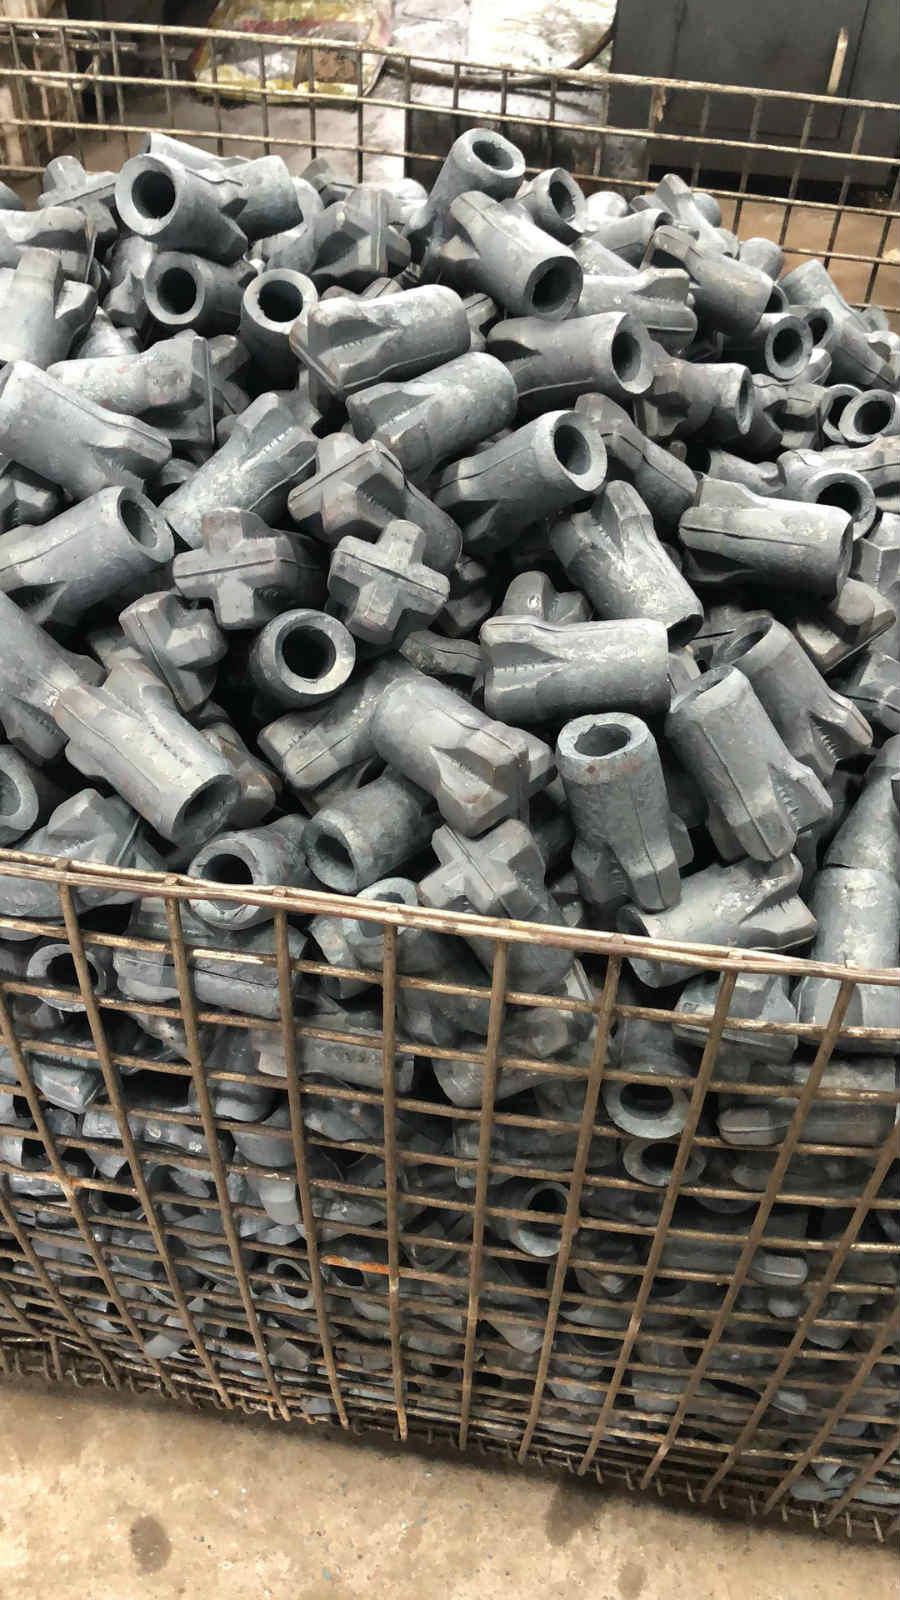 昌吉高炉开口钻杆生产工艺---诚信经商,合作共赢